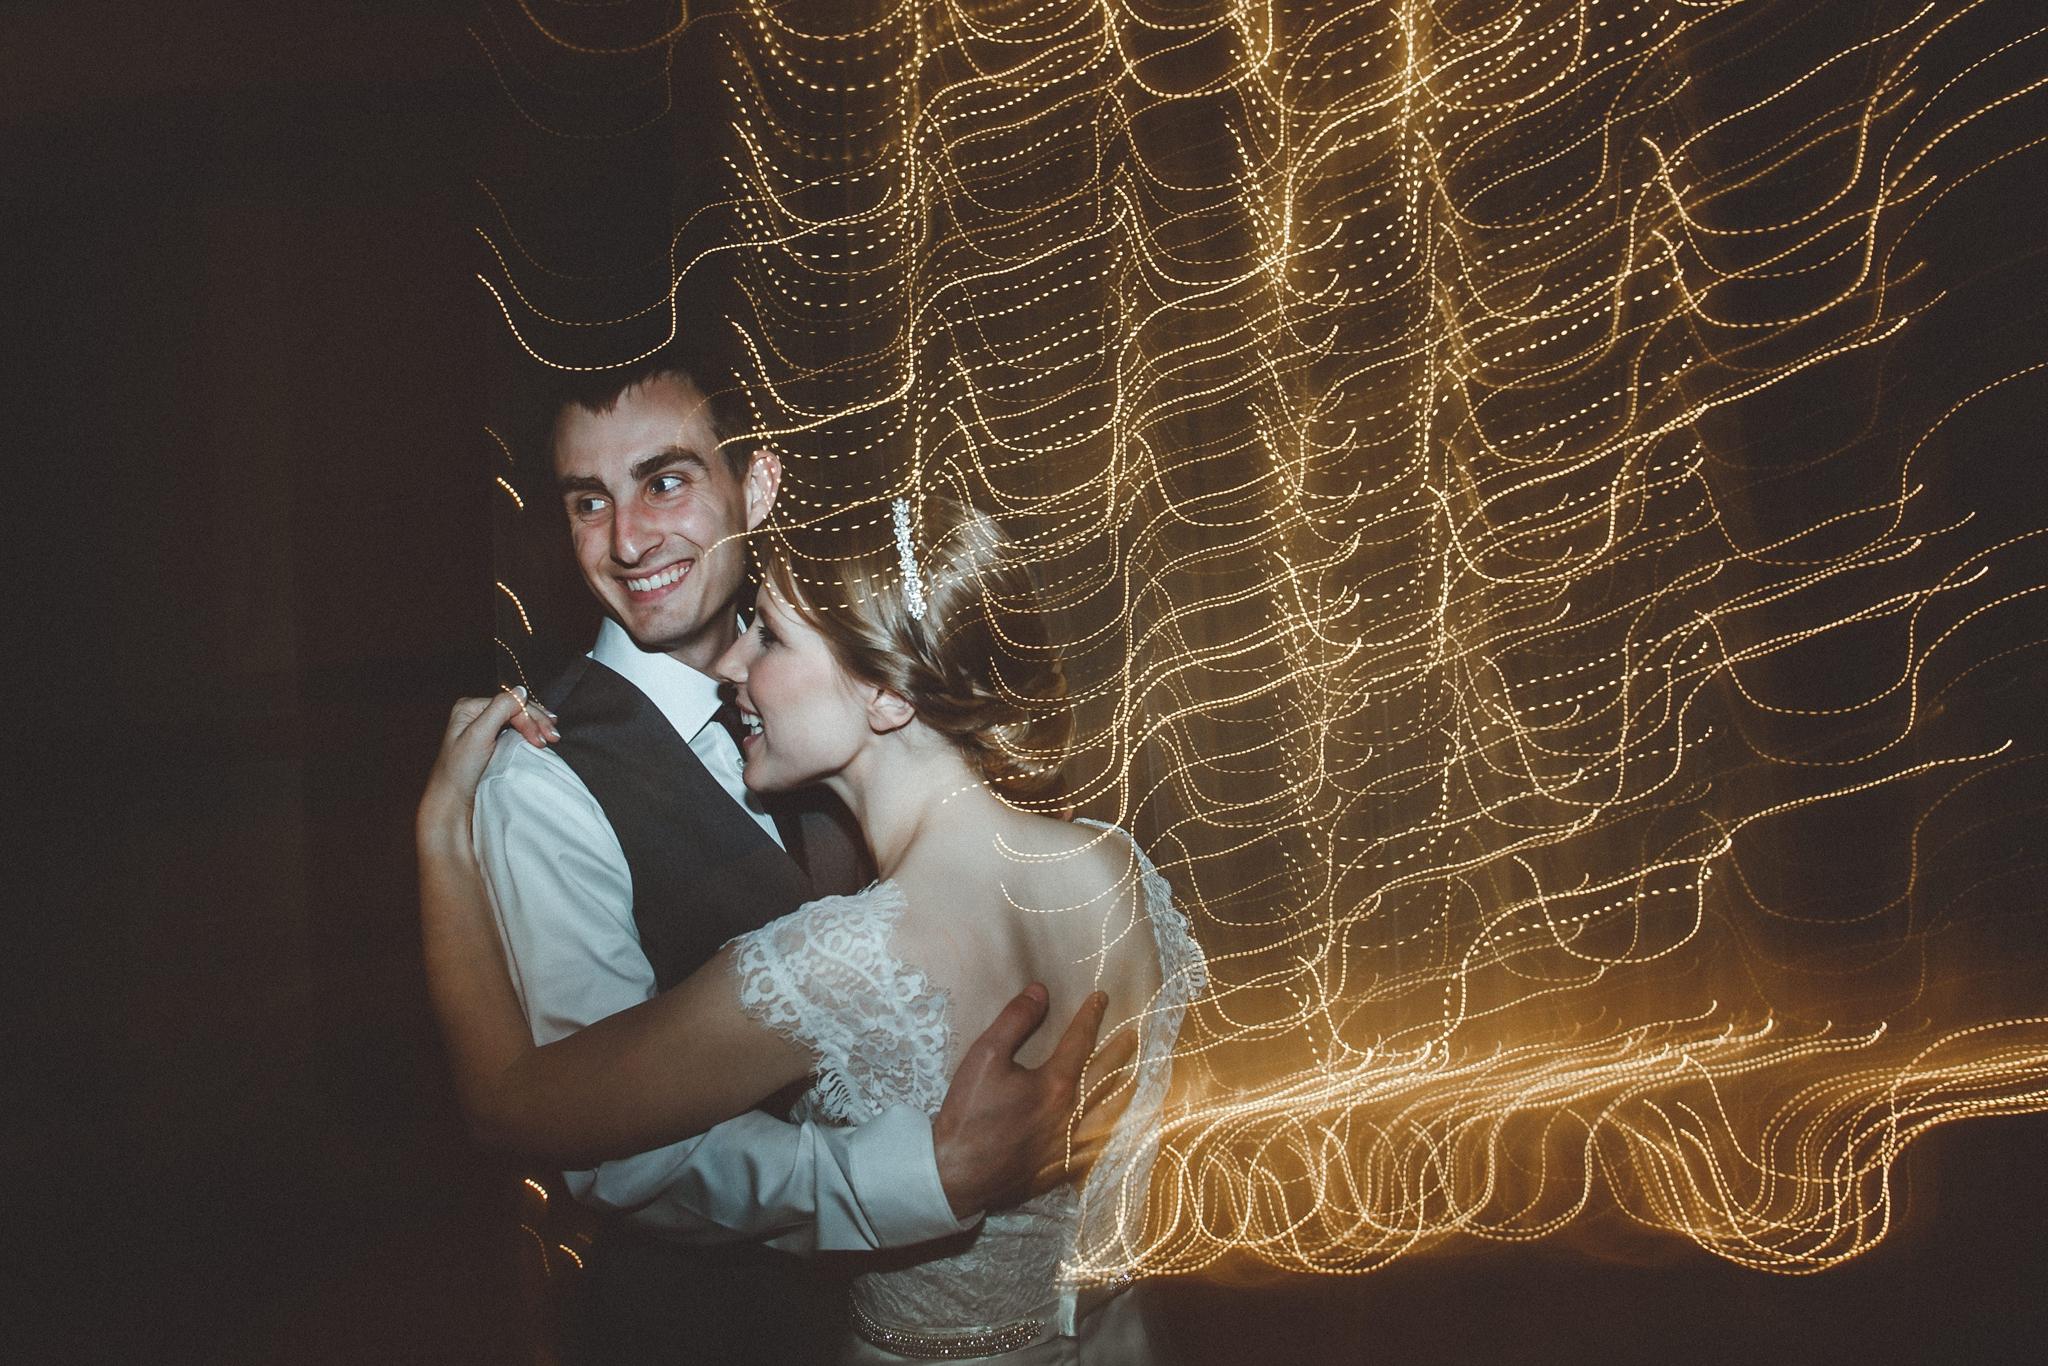 noahs_event_venue_naperville_IL_wedding_photographer_0079.jpg